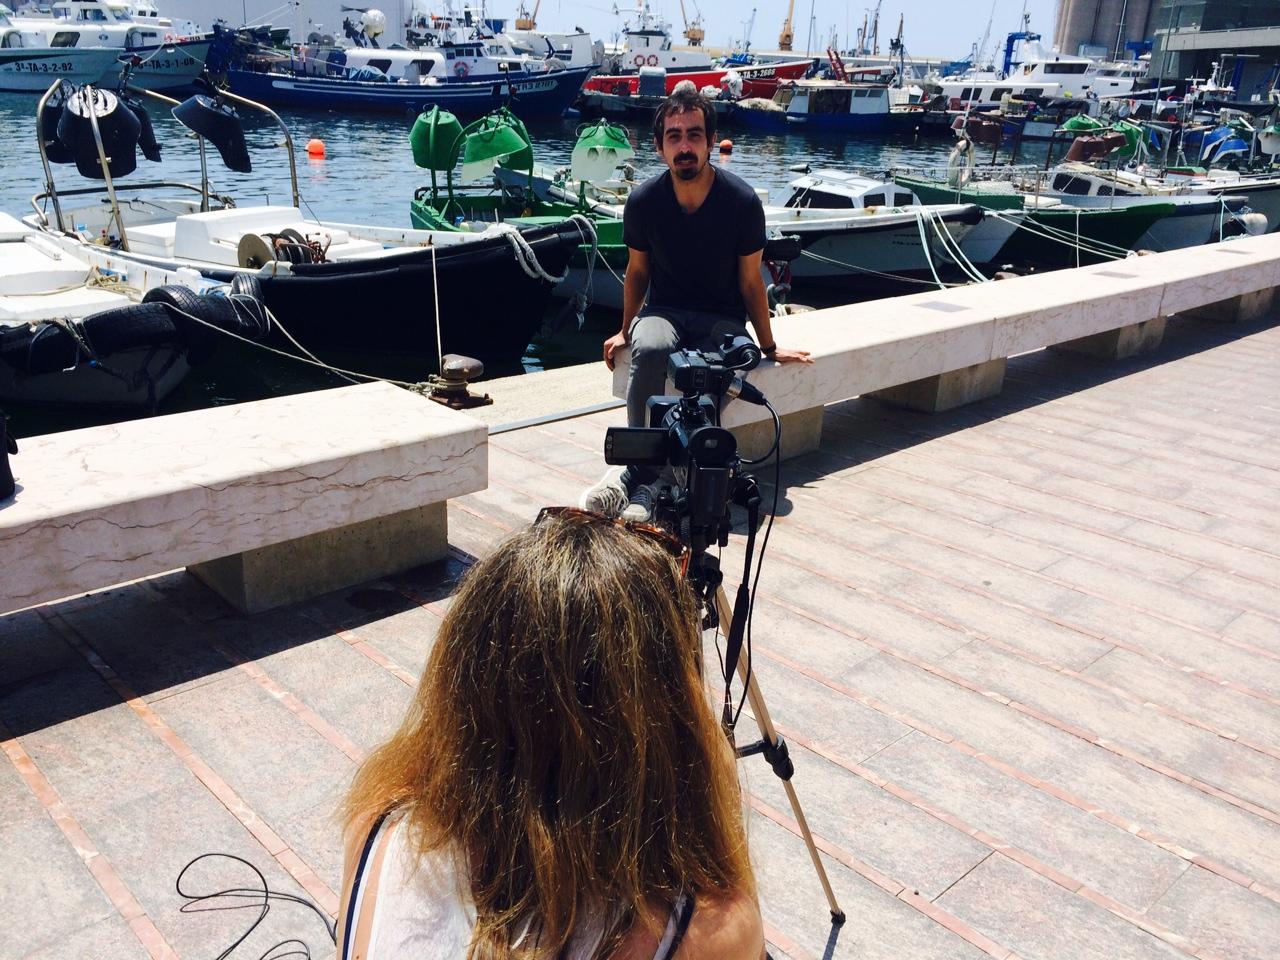 Adrià Borràs enregistrat el vídeo amb les seves recomanacions per al butlletí #FandeTGN